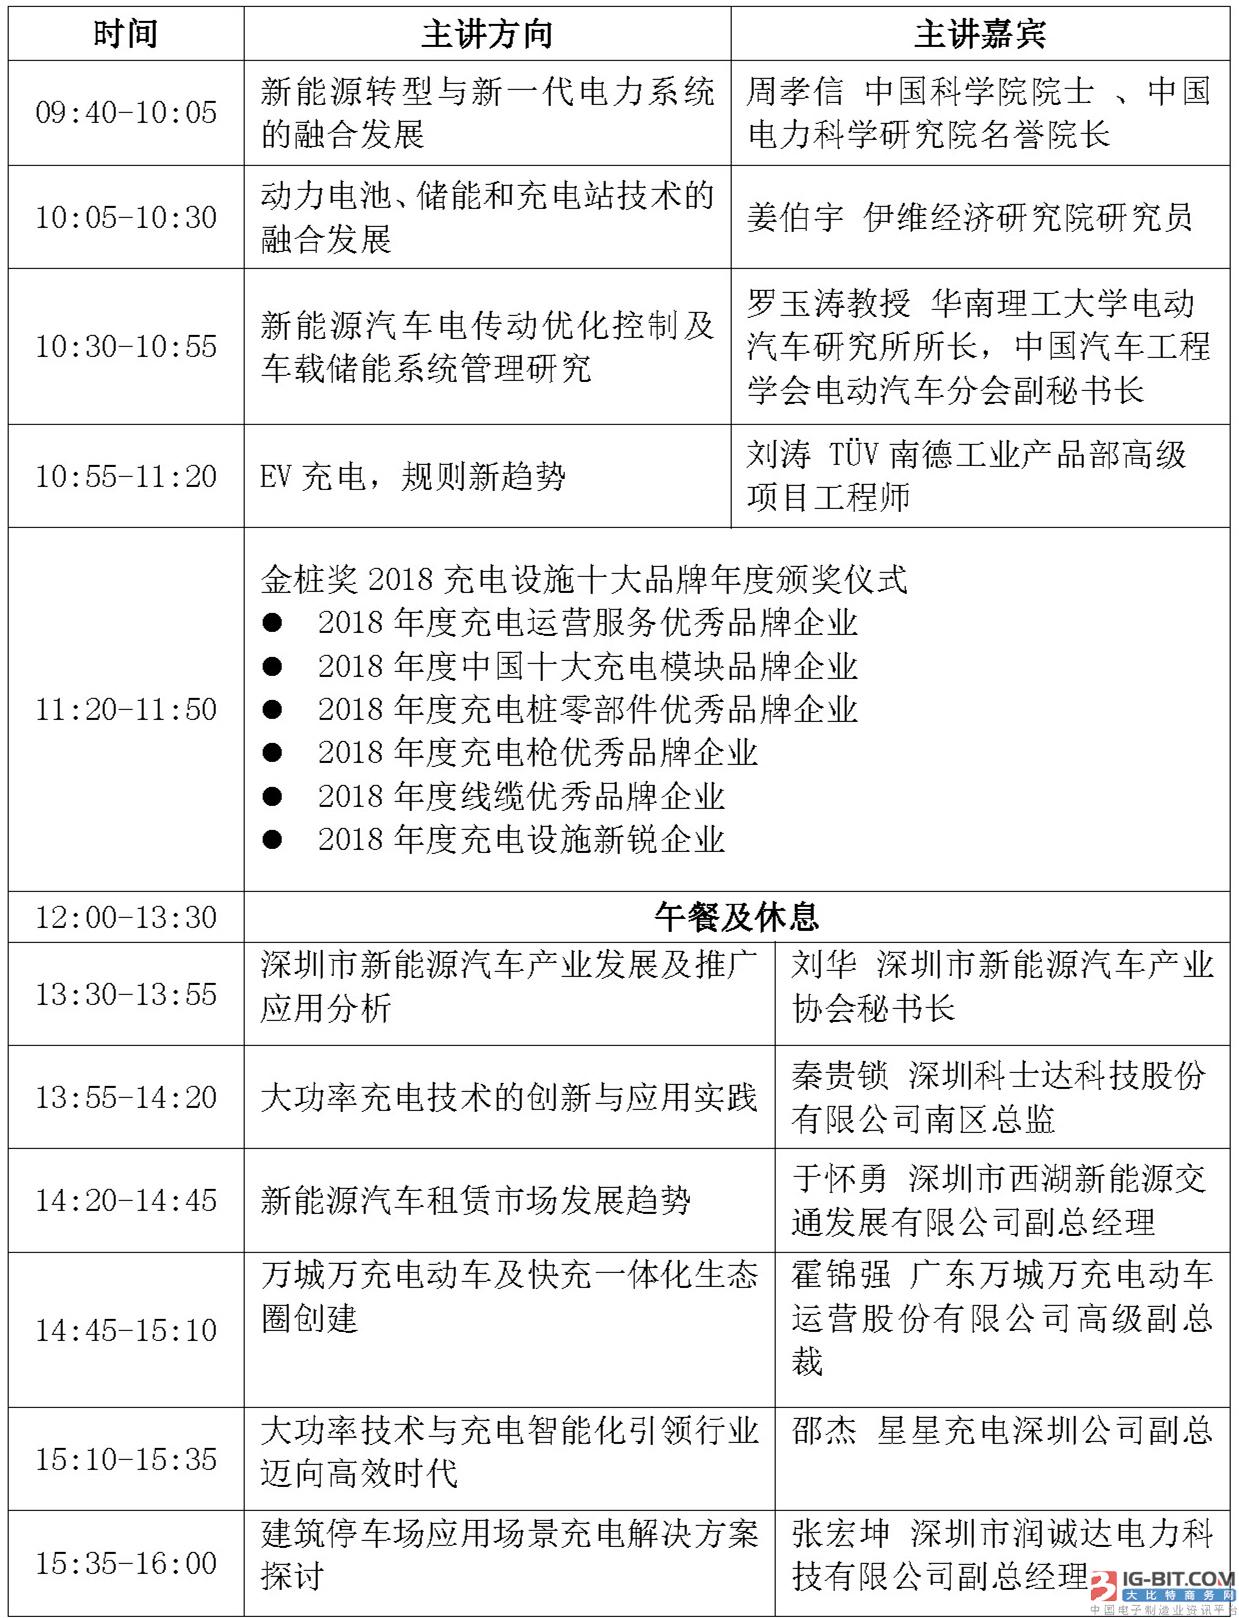 九大亮点抢先看!深圳充电设备展将于6月15日举行